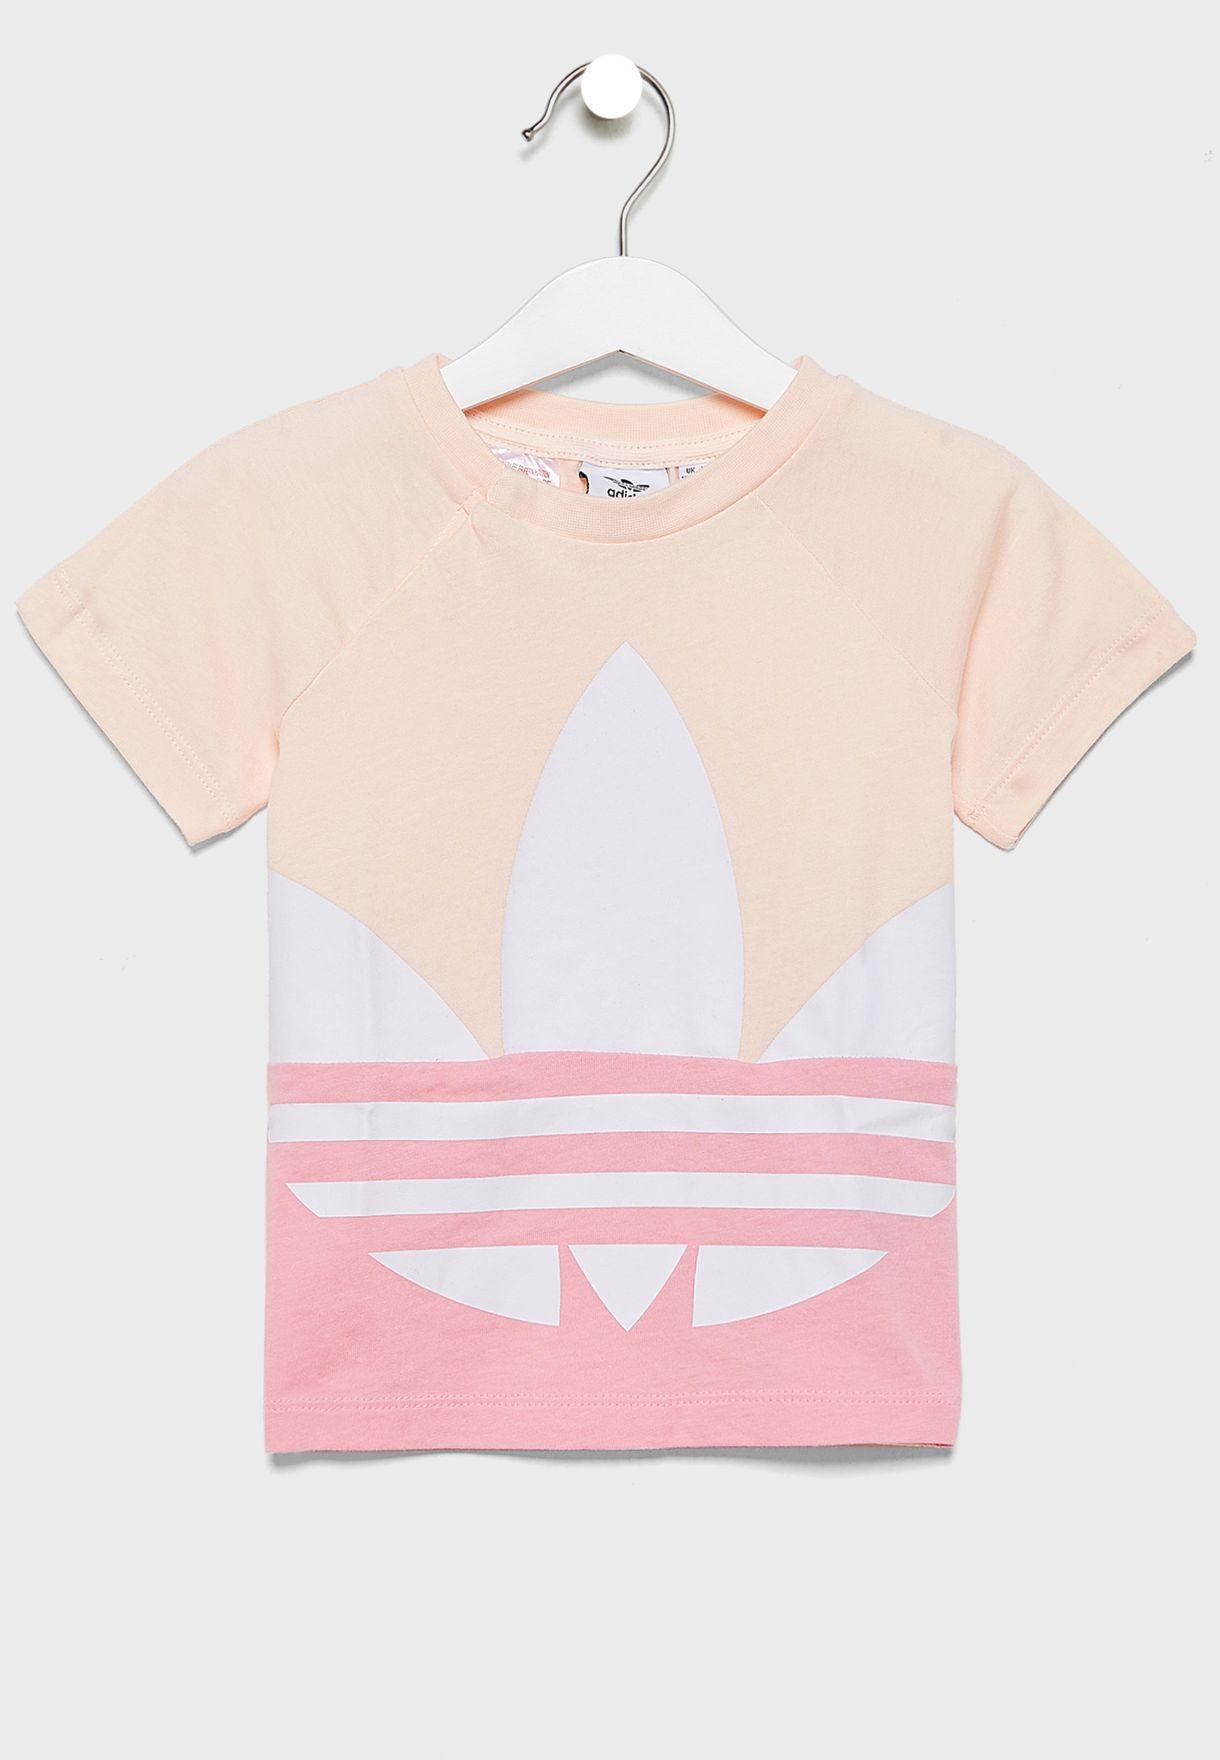 Big Trefoil Adicolor Casual Kids T-Shirt